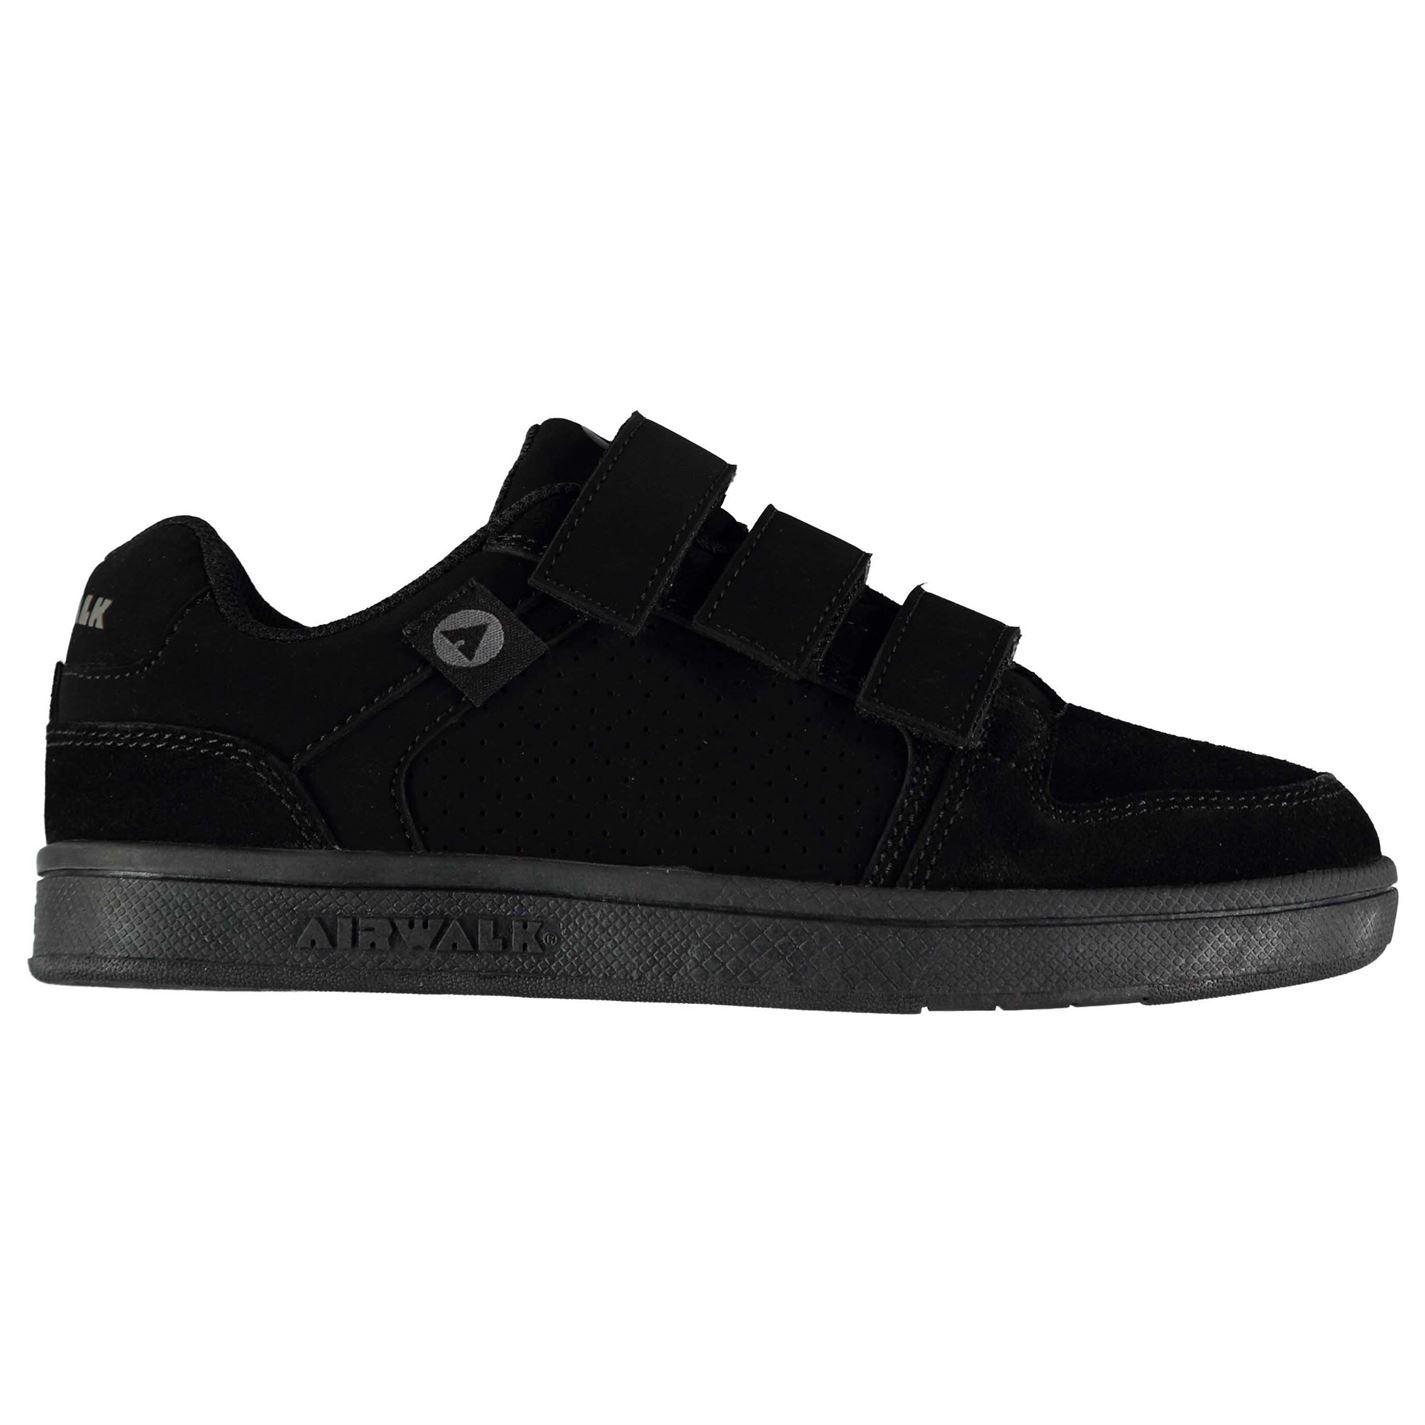 Airwalk Brock Childrens Skate Shoes